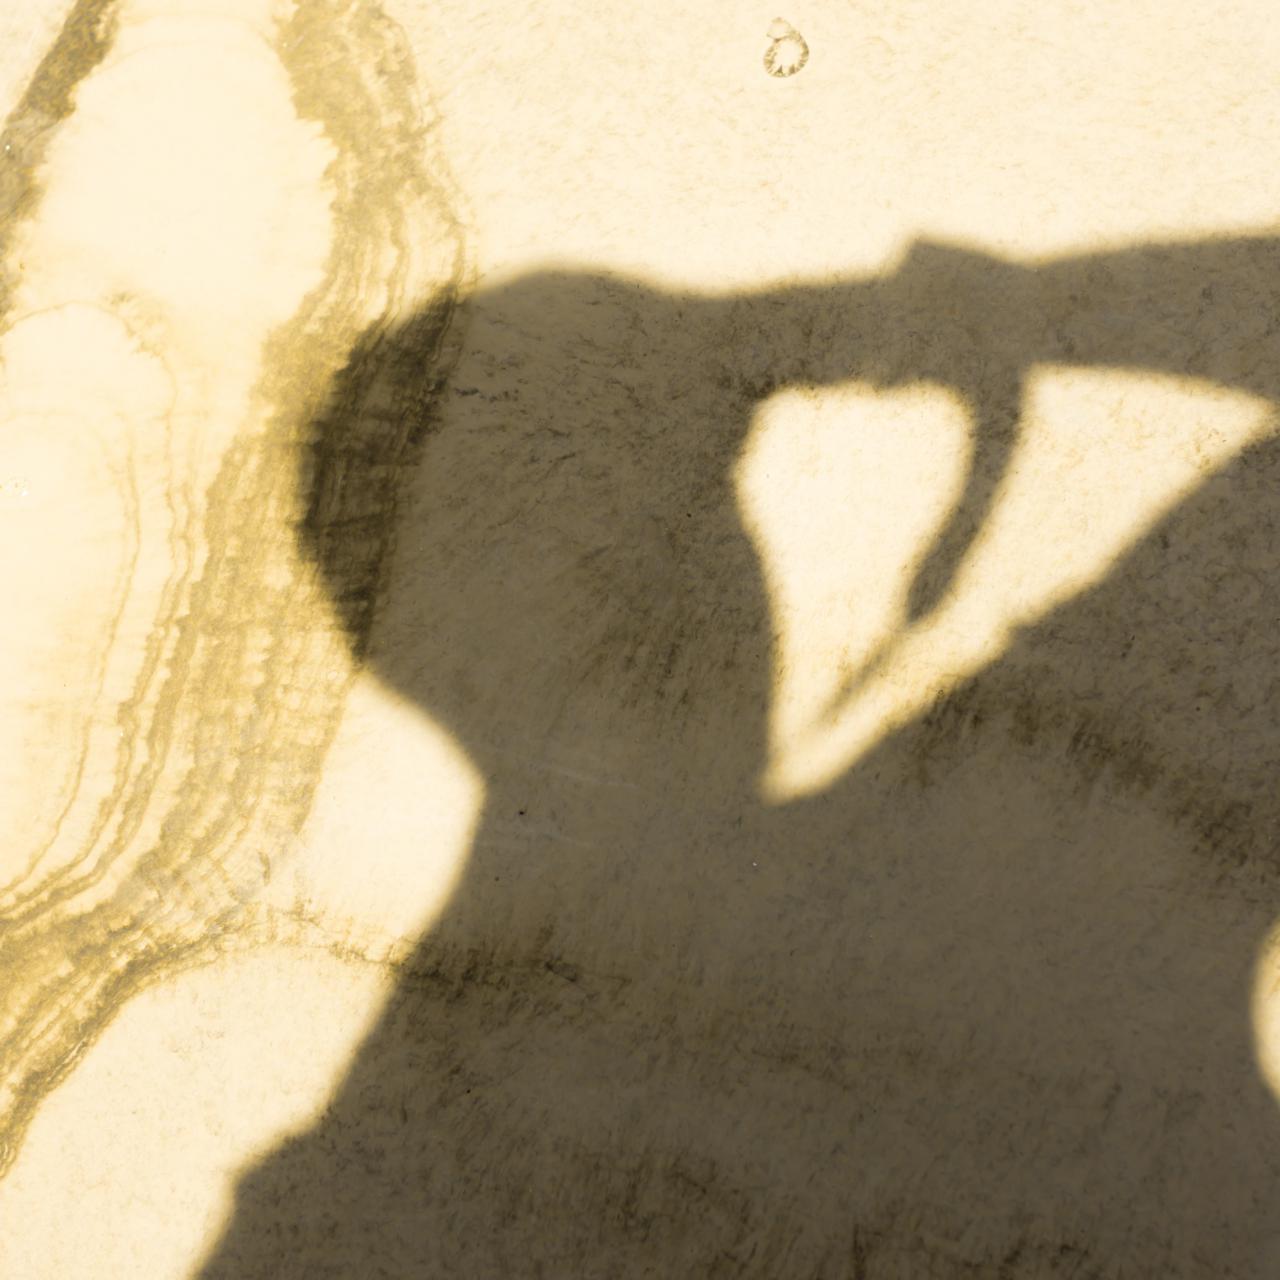 سایه محمدرضا صادقی ملقب به رضاصاد روی زمین در حال عکاسی